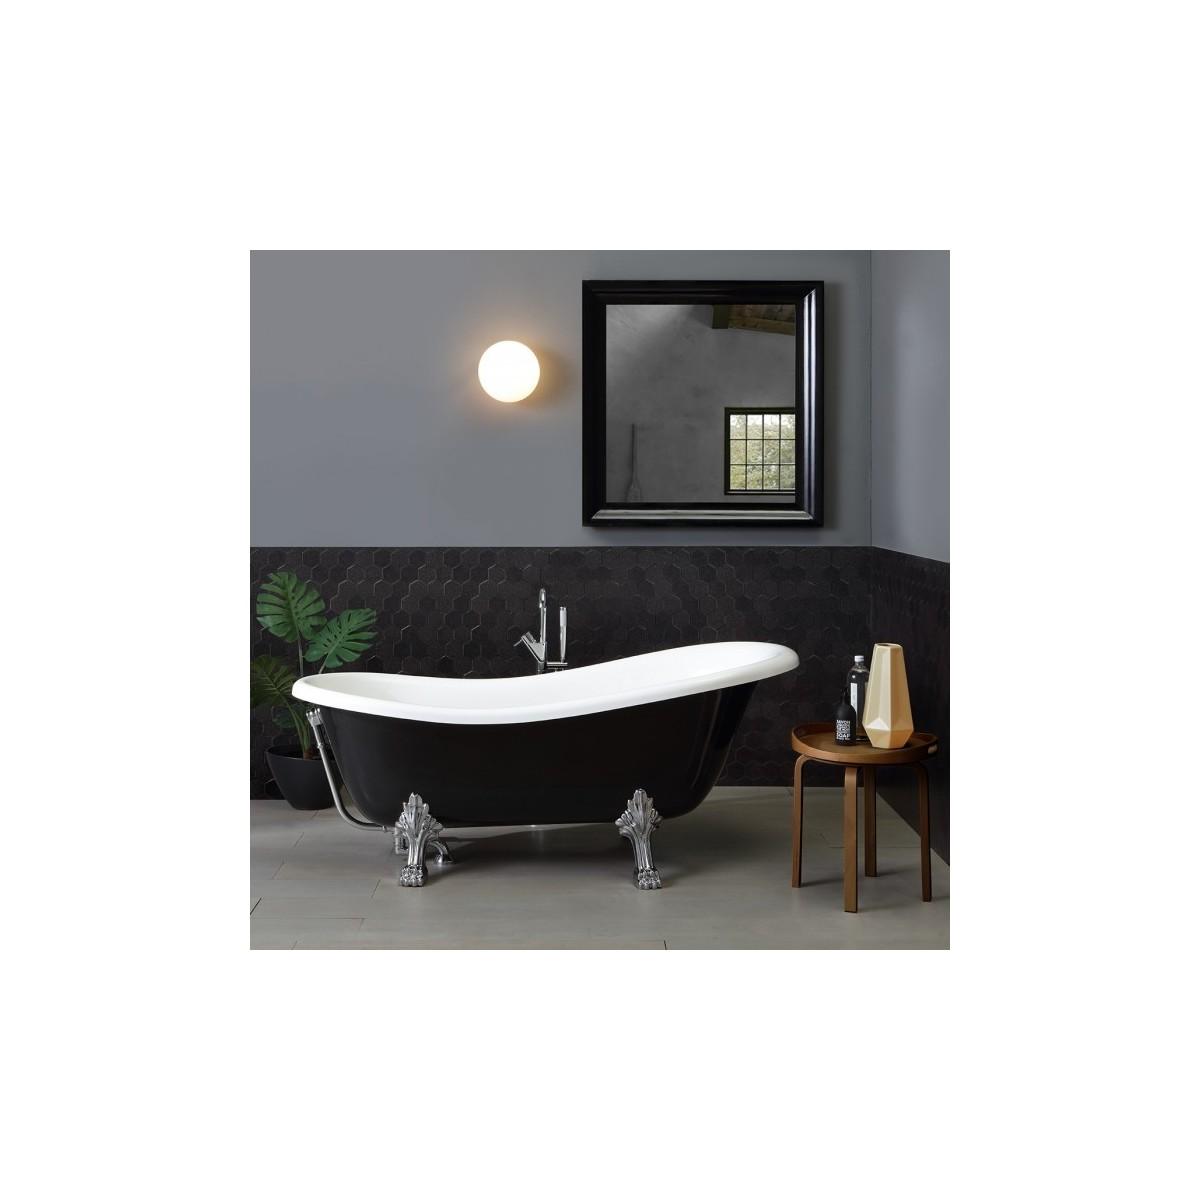 Vasca da bagno nera in stile retr con piedini cleopatra 167cm - Vasche da bagno con piedini ...